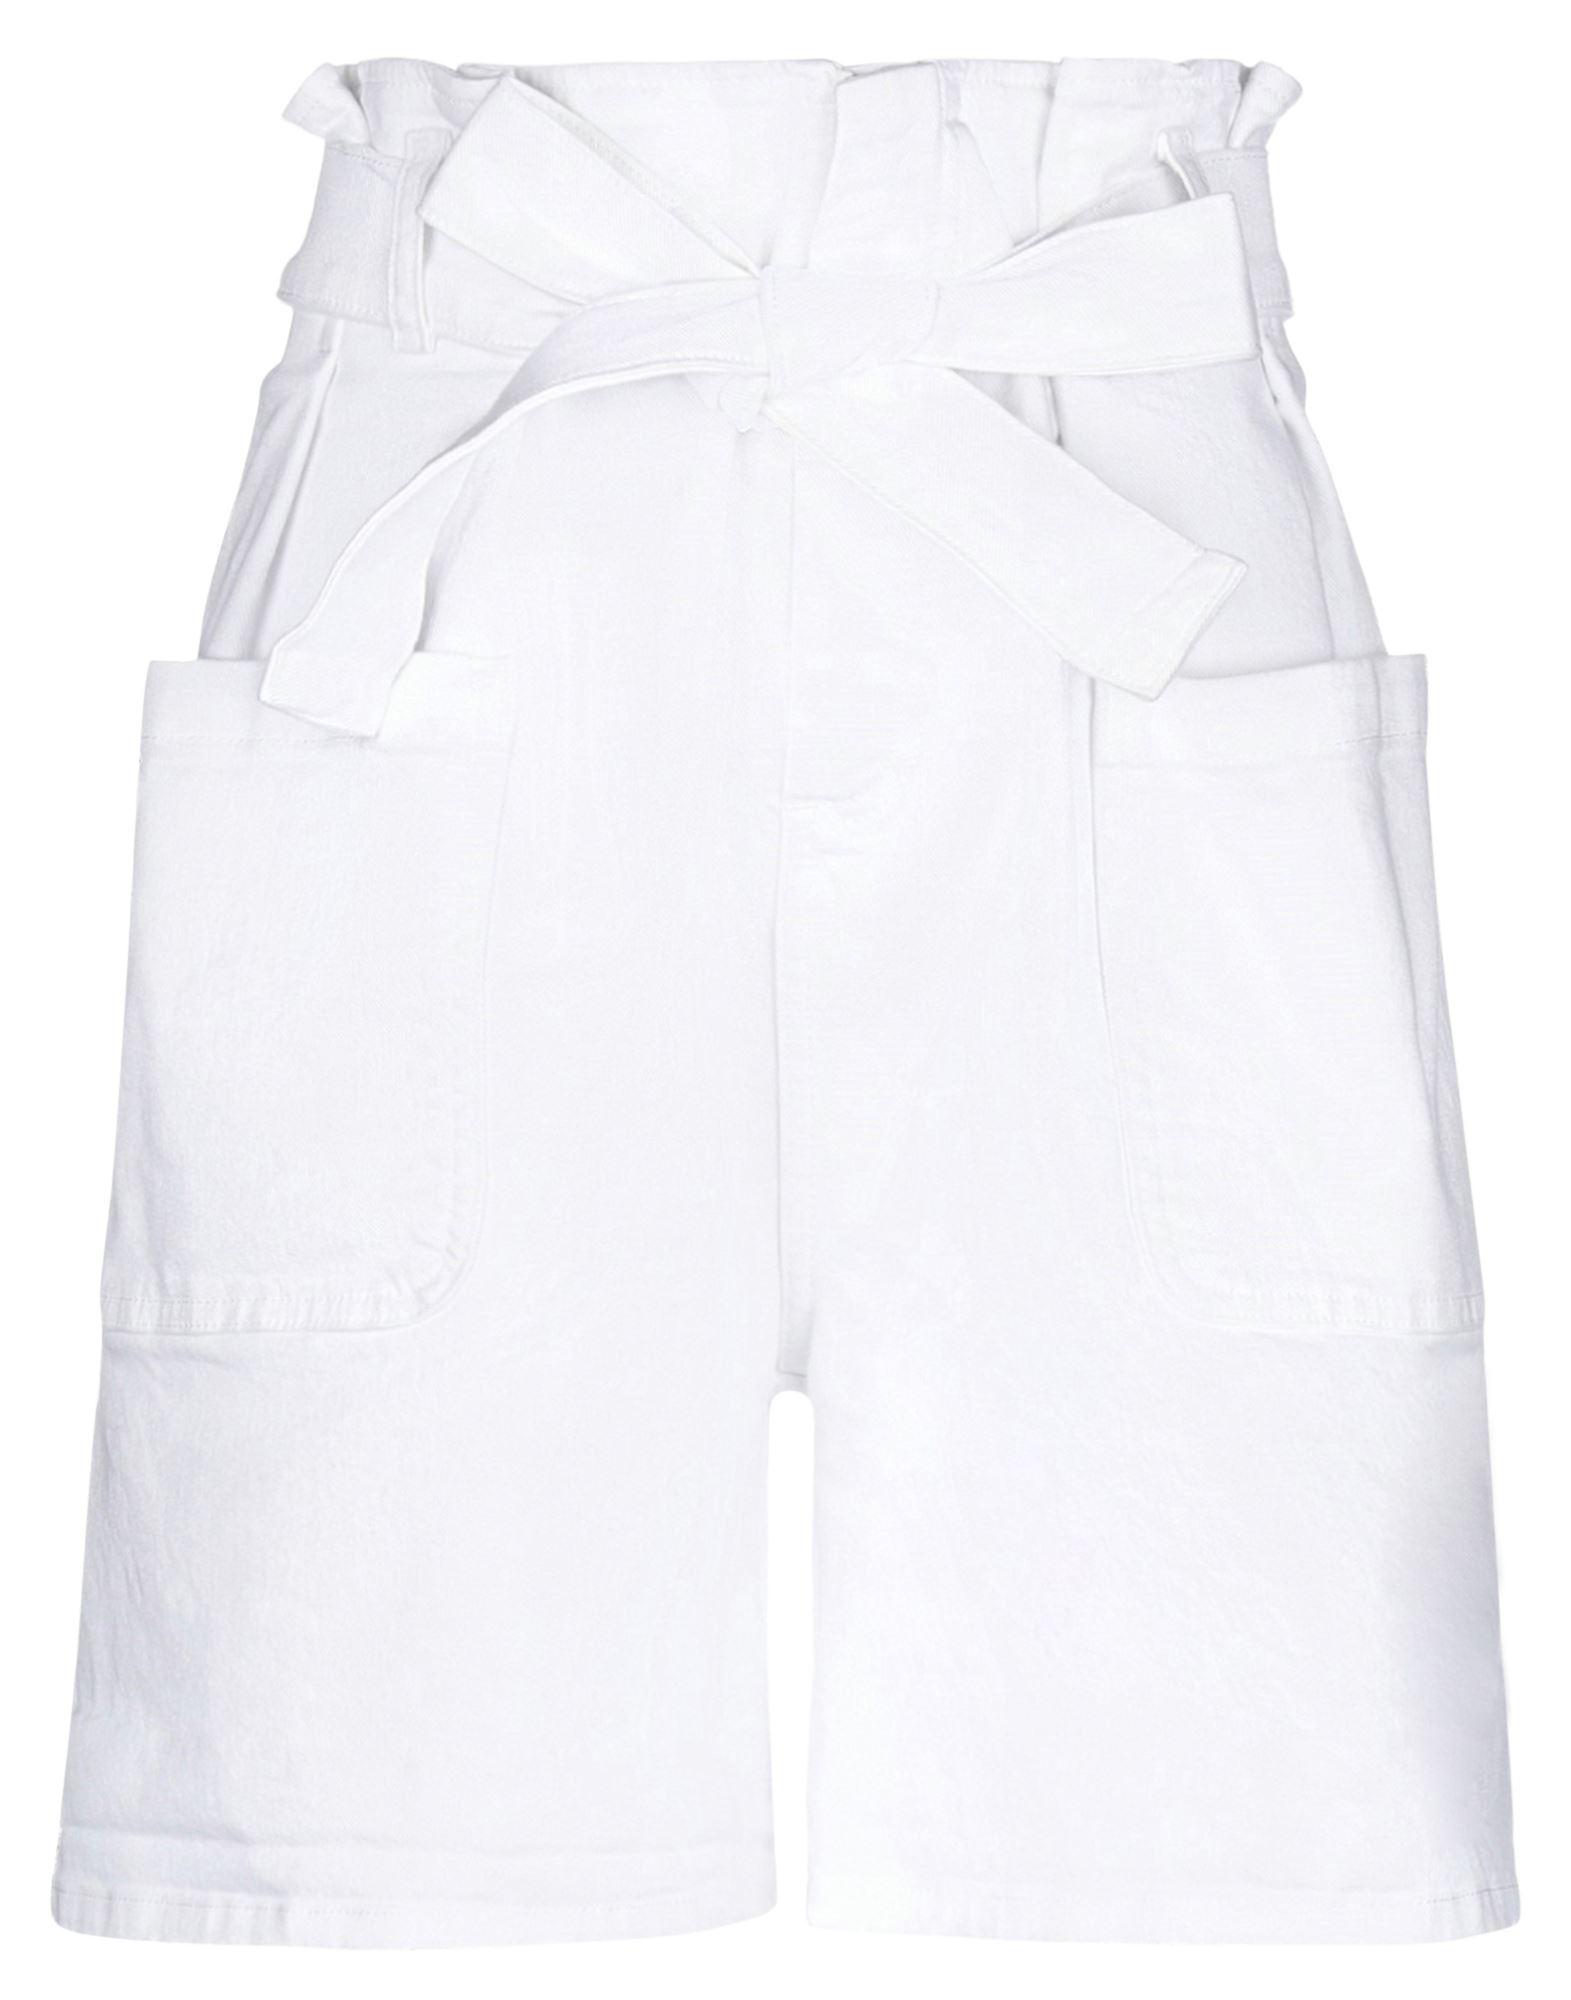 Фото - REDValentino Джинсовые шорты please джинсовые шорты